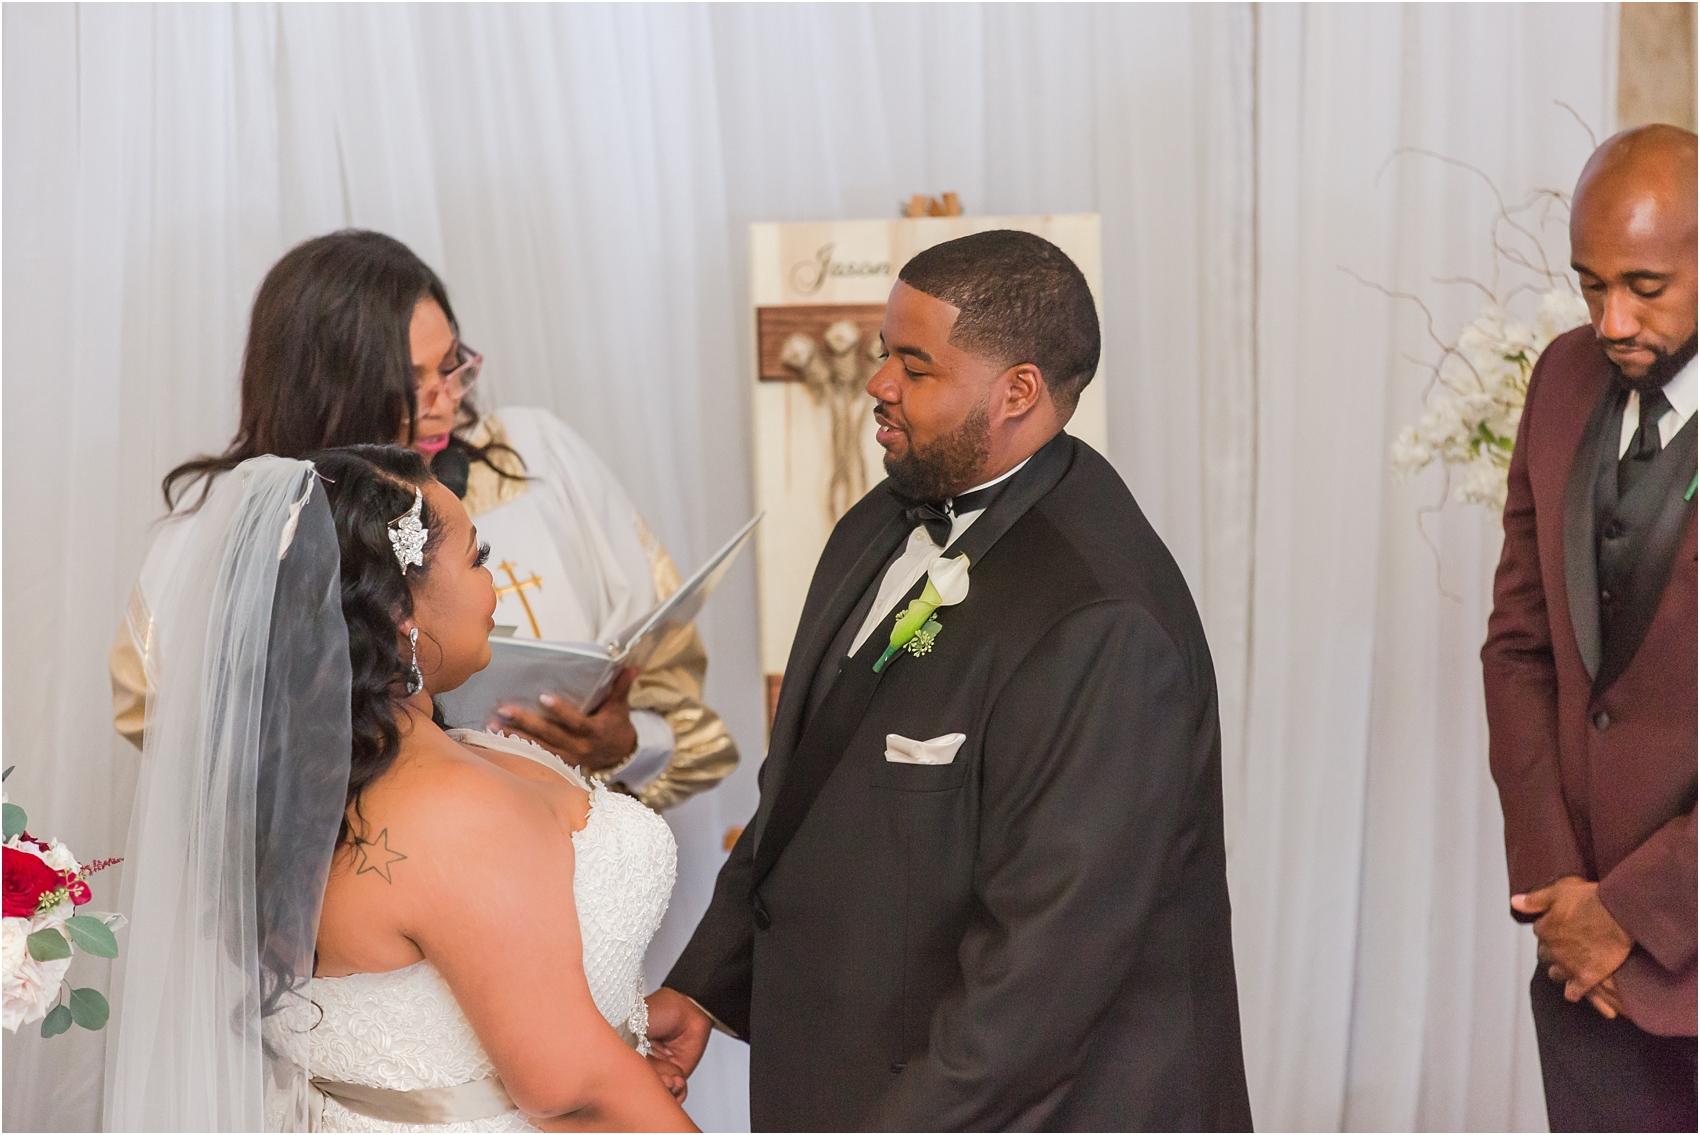 minimalist-and-modern-wedding-photos-at-30-north-saginaw-in-pontiac-michigan-by-courtney-carolyn-photography_0043.jpg